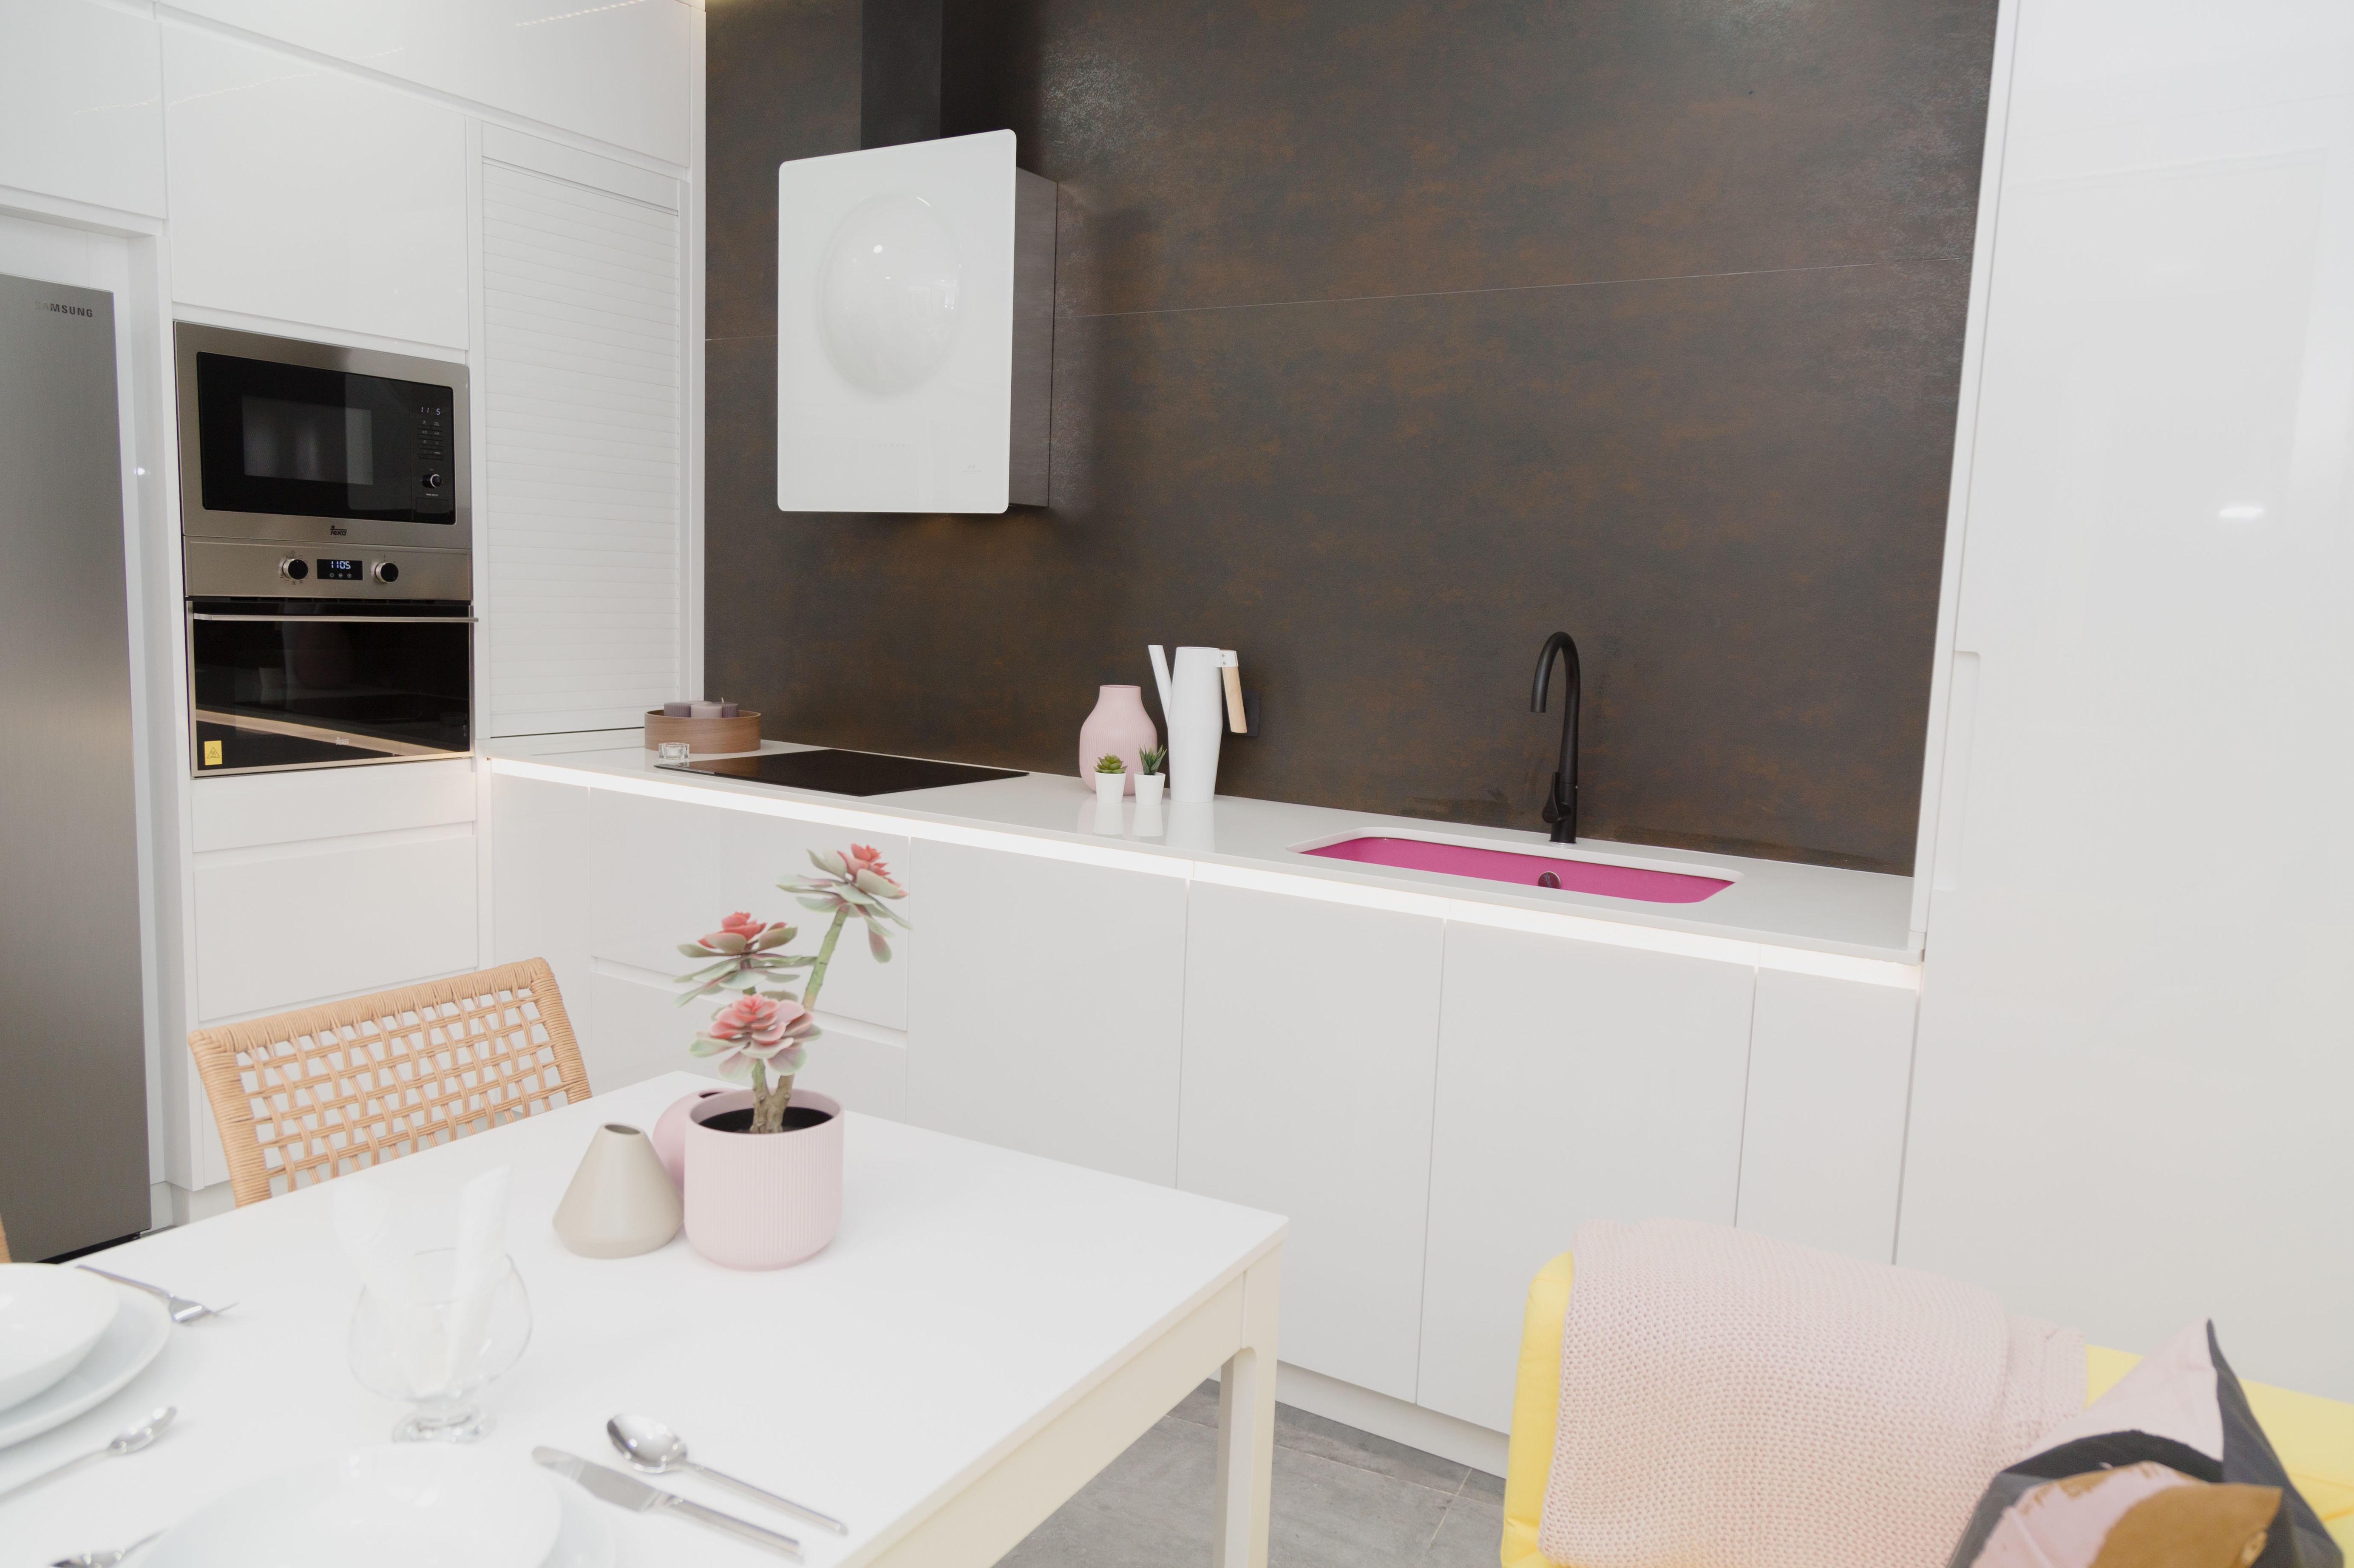 Singular cocina blanca con un toque muy personal en fucsia